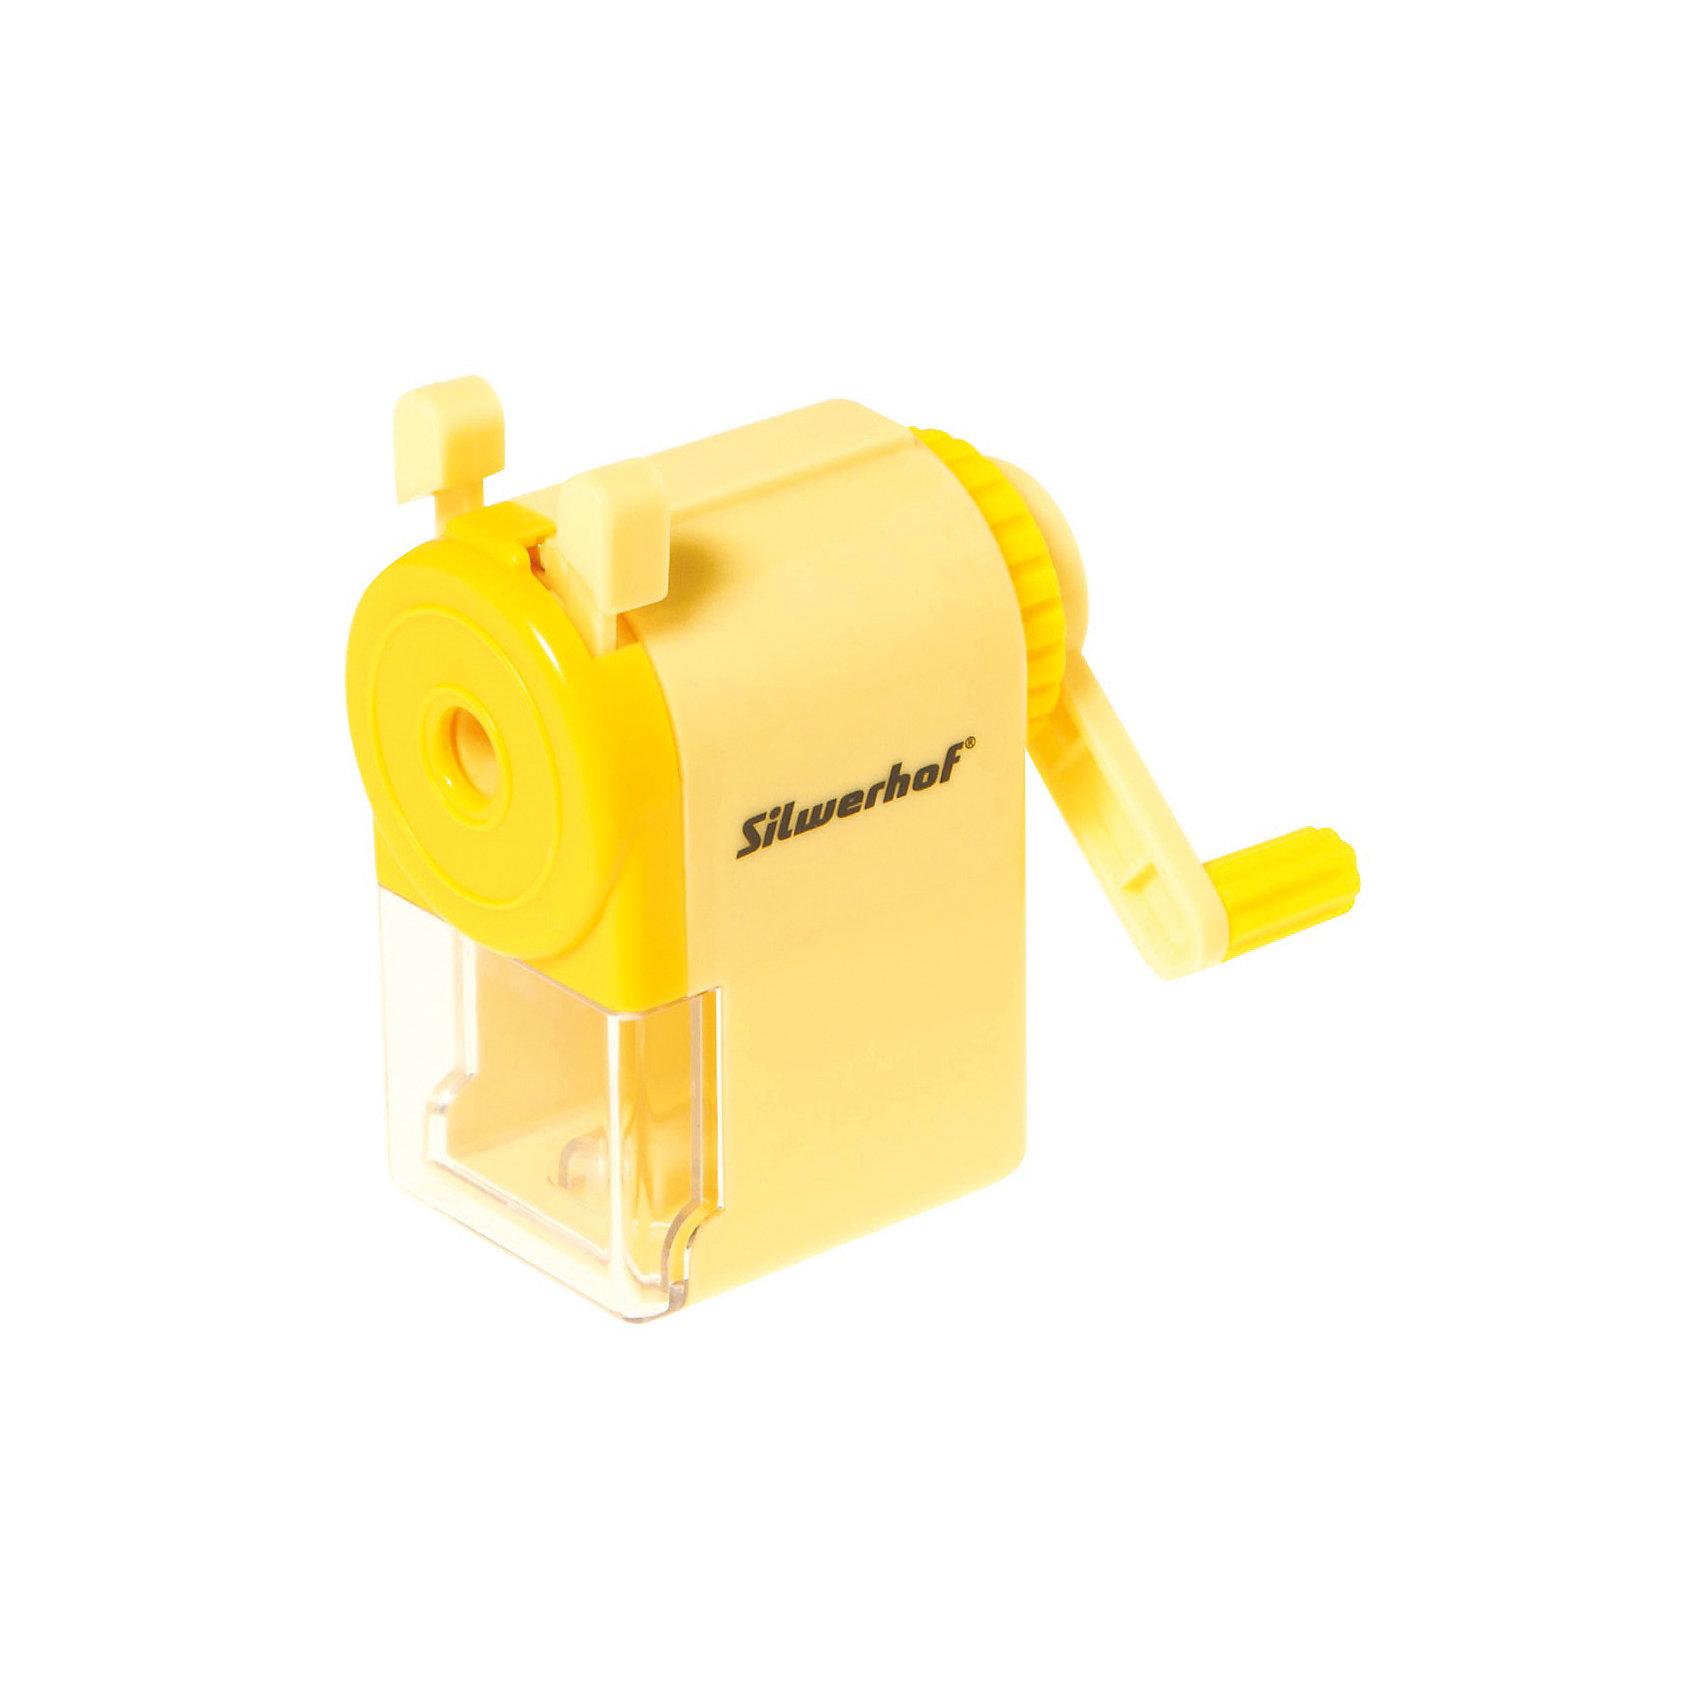 Точилка механическая, ПЛАСТИЛИНОВАЯ КОЛЛЕКЦИЯ, пластиковаяТочилка, механическая, ПЛАСТИЛИНОВАЯ КОЛЛЕКЦИЯ, пластиковая, 1 отверстие, с контейнером, цв. желтый, пластиковая коробка арт.192003 ед.изм.Шт<br><br>Ширина мм: 90<br>Глубина мм: 45<br>Высота мм: 90<br>Вес г: 115<br>Возраст от месяцев: 36<br>Возраст до месяцев: 144<br>Пол: Унисекс<br>Возраст: Детский<br>SKU: 5020536